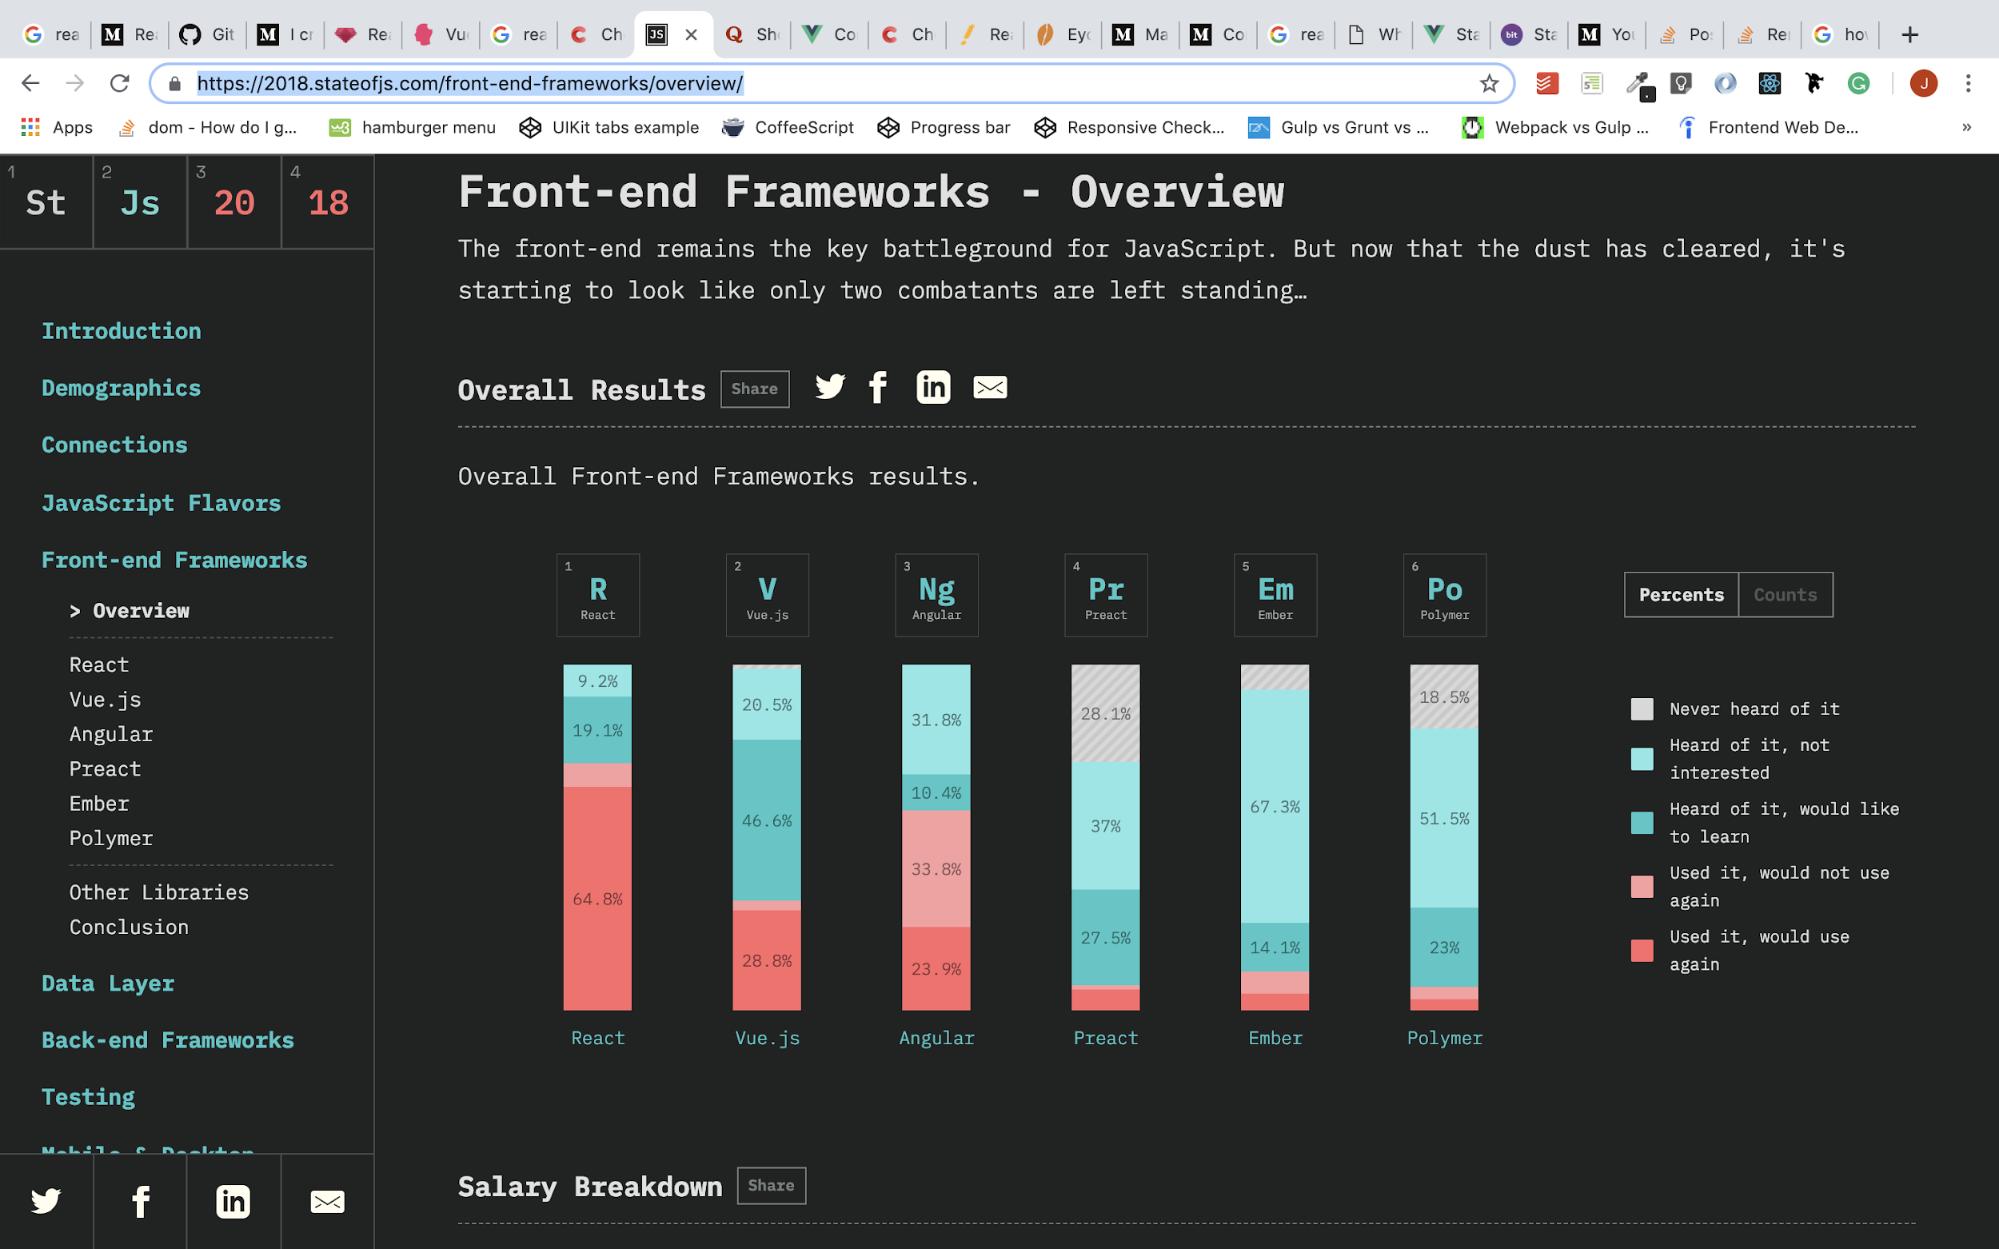 front-end frameworks